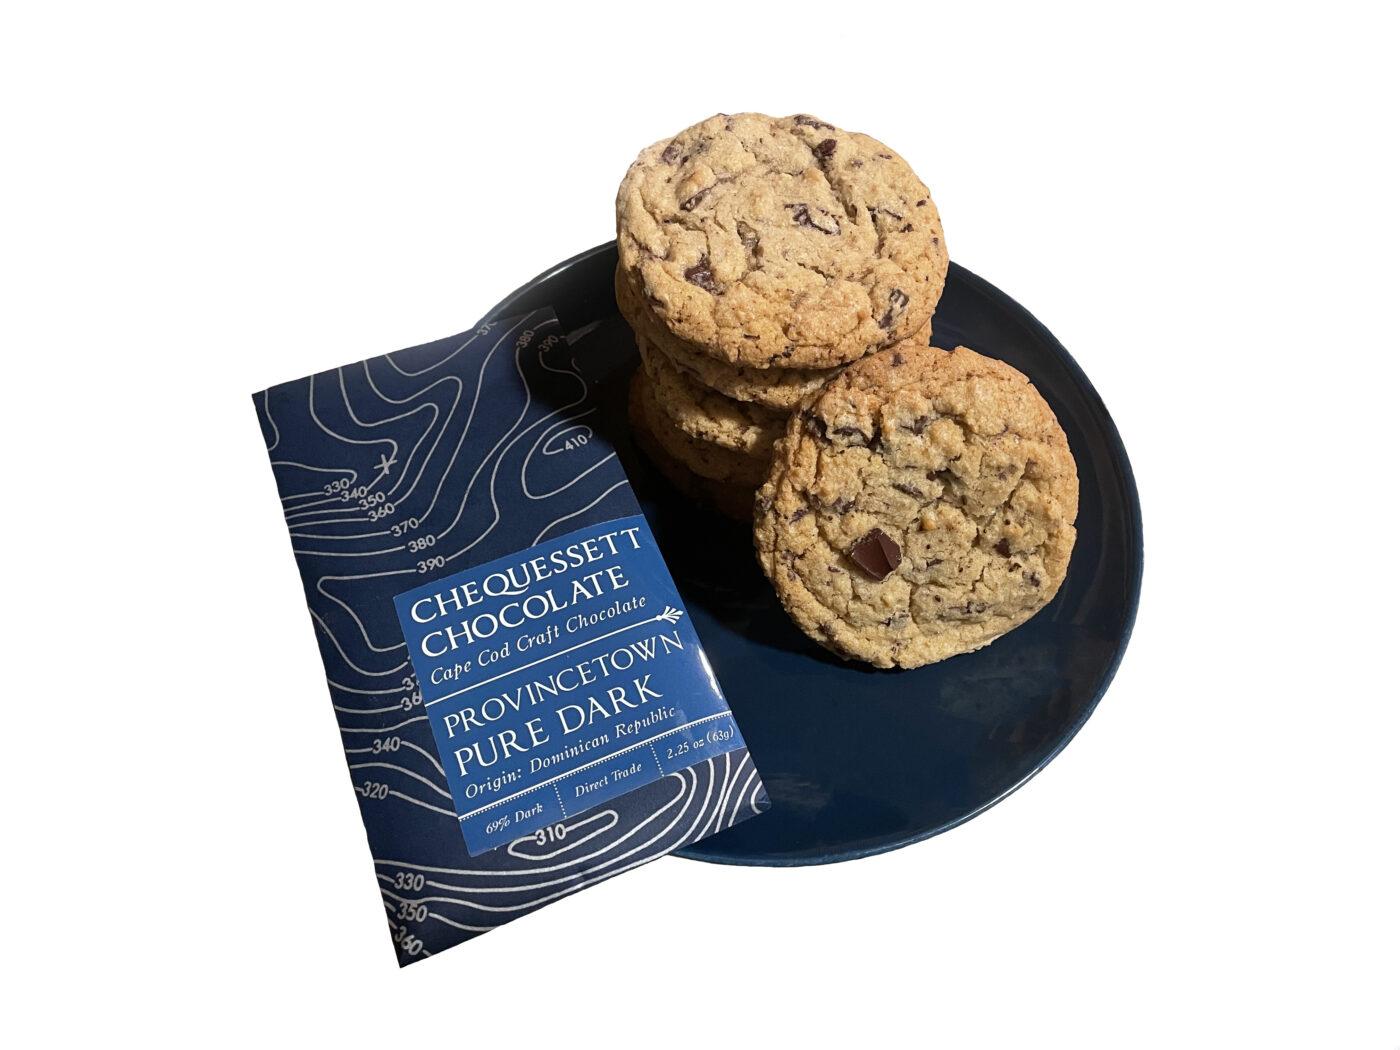 Chequessett Chocolate Pure Dark Chocolate Chunk Cookies